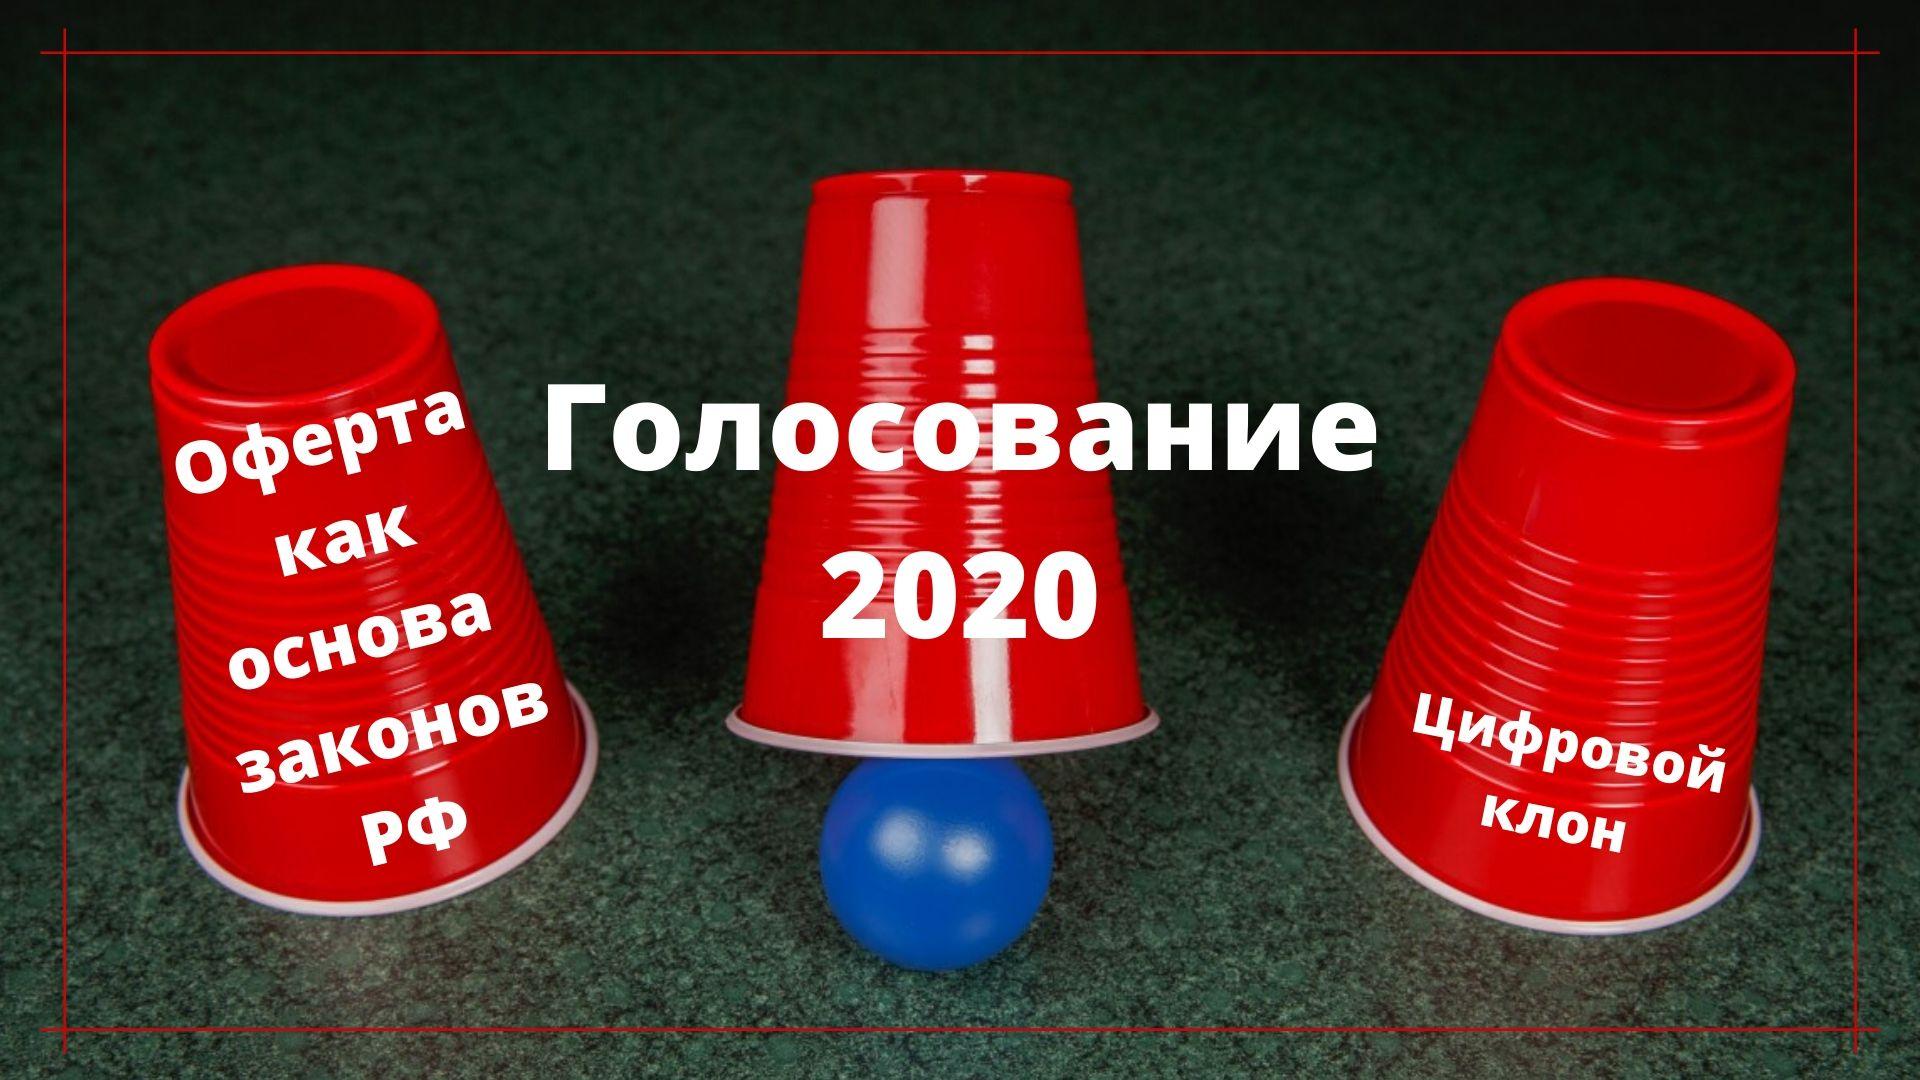 Голосование 2020, Оферта как основа законодательства РФ, и цифровой клон.